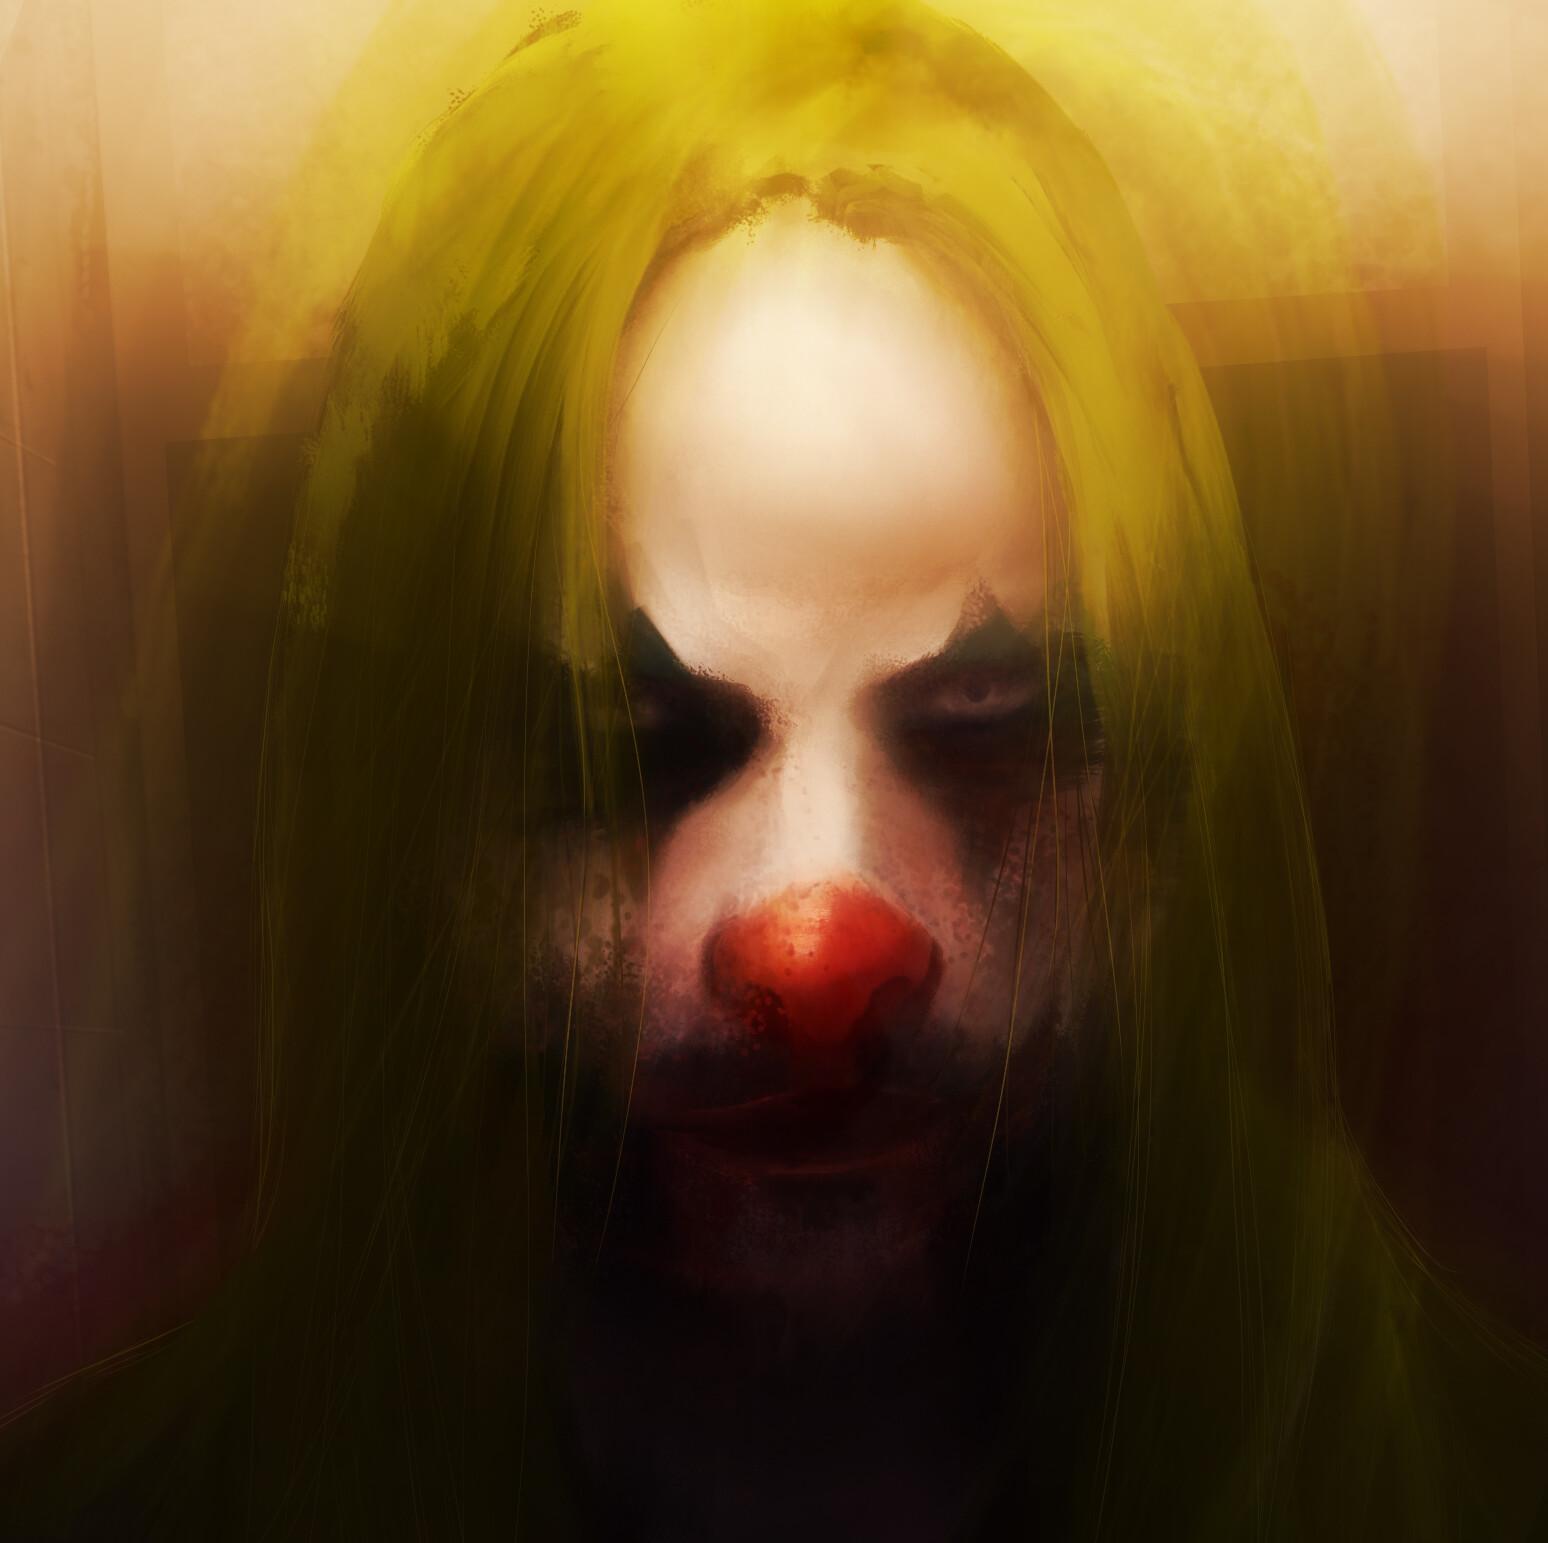 Self portrait | Joker